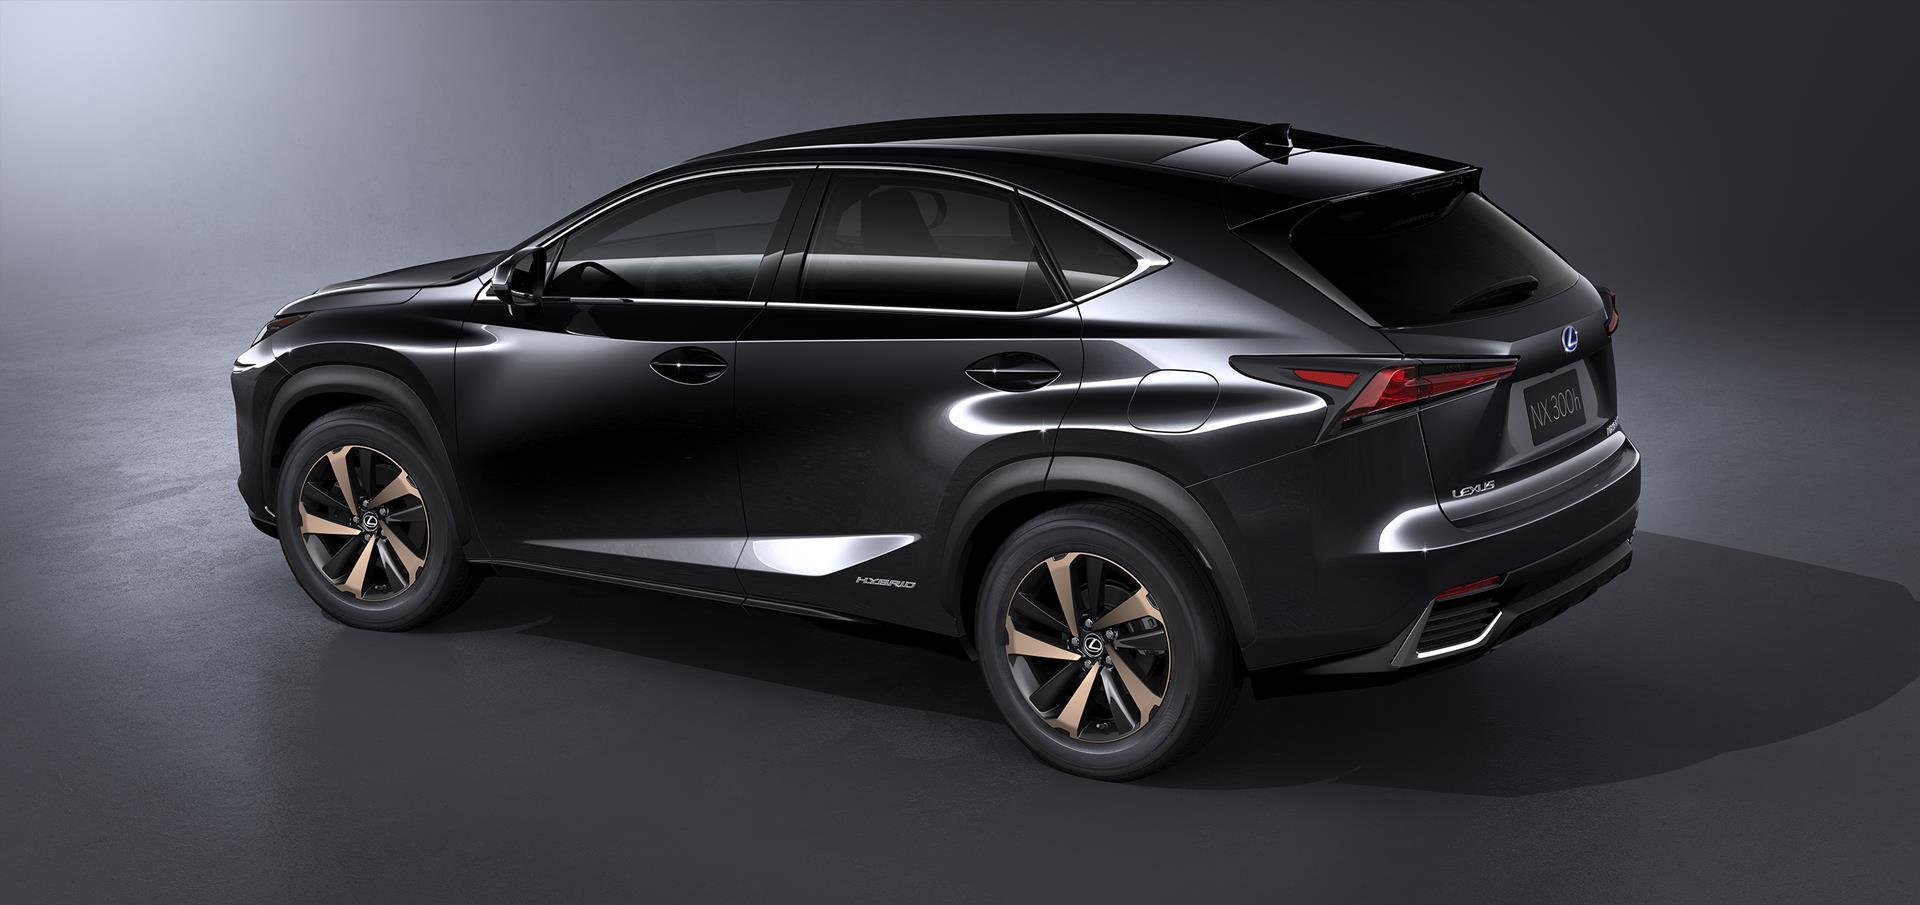 2018 Lexus NX Image. https://www.conceptcarz.com/images ...